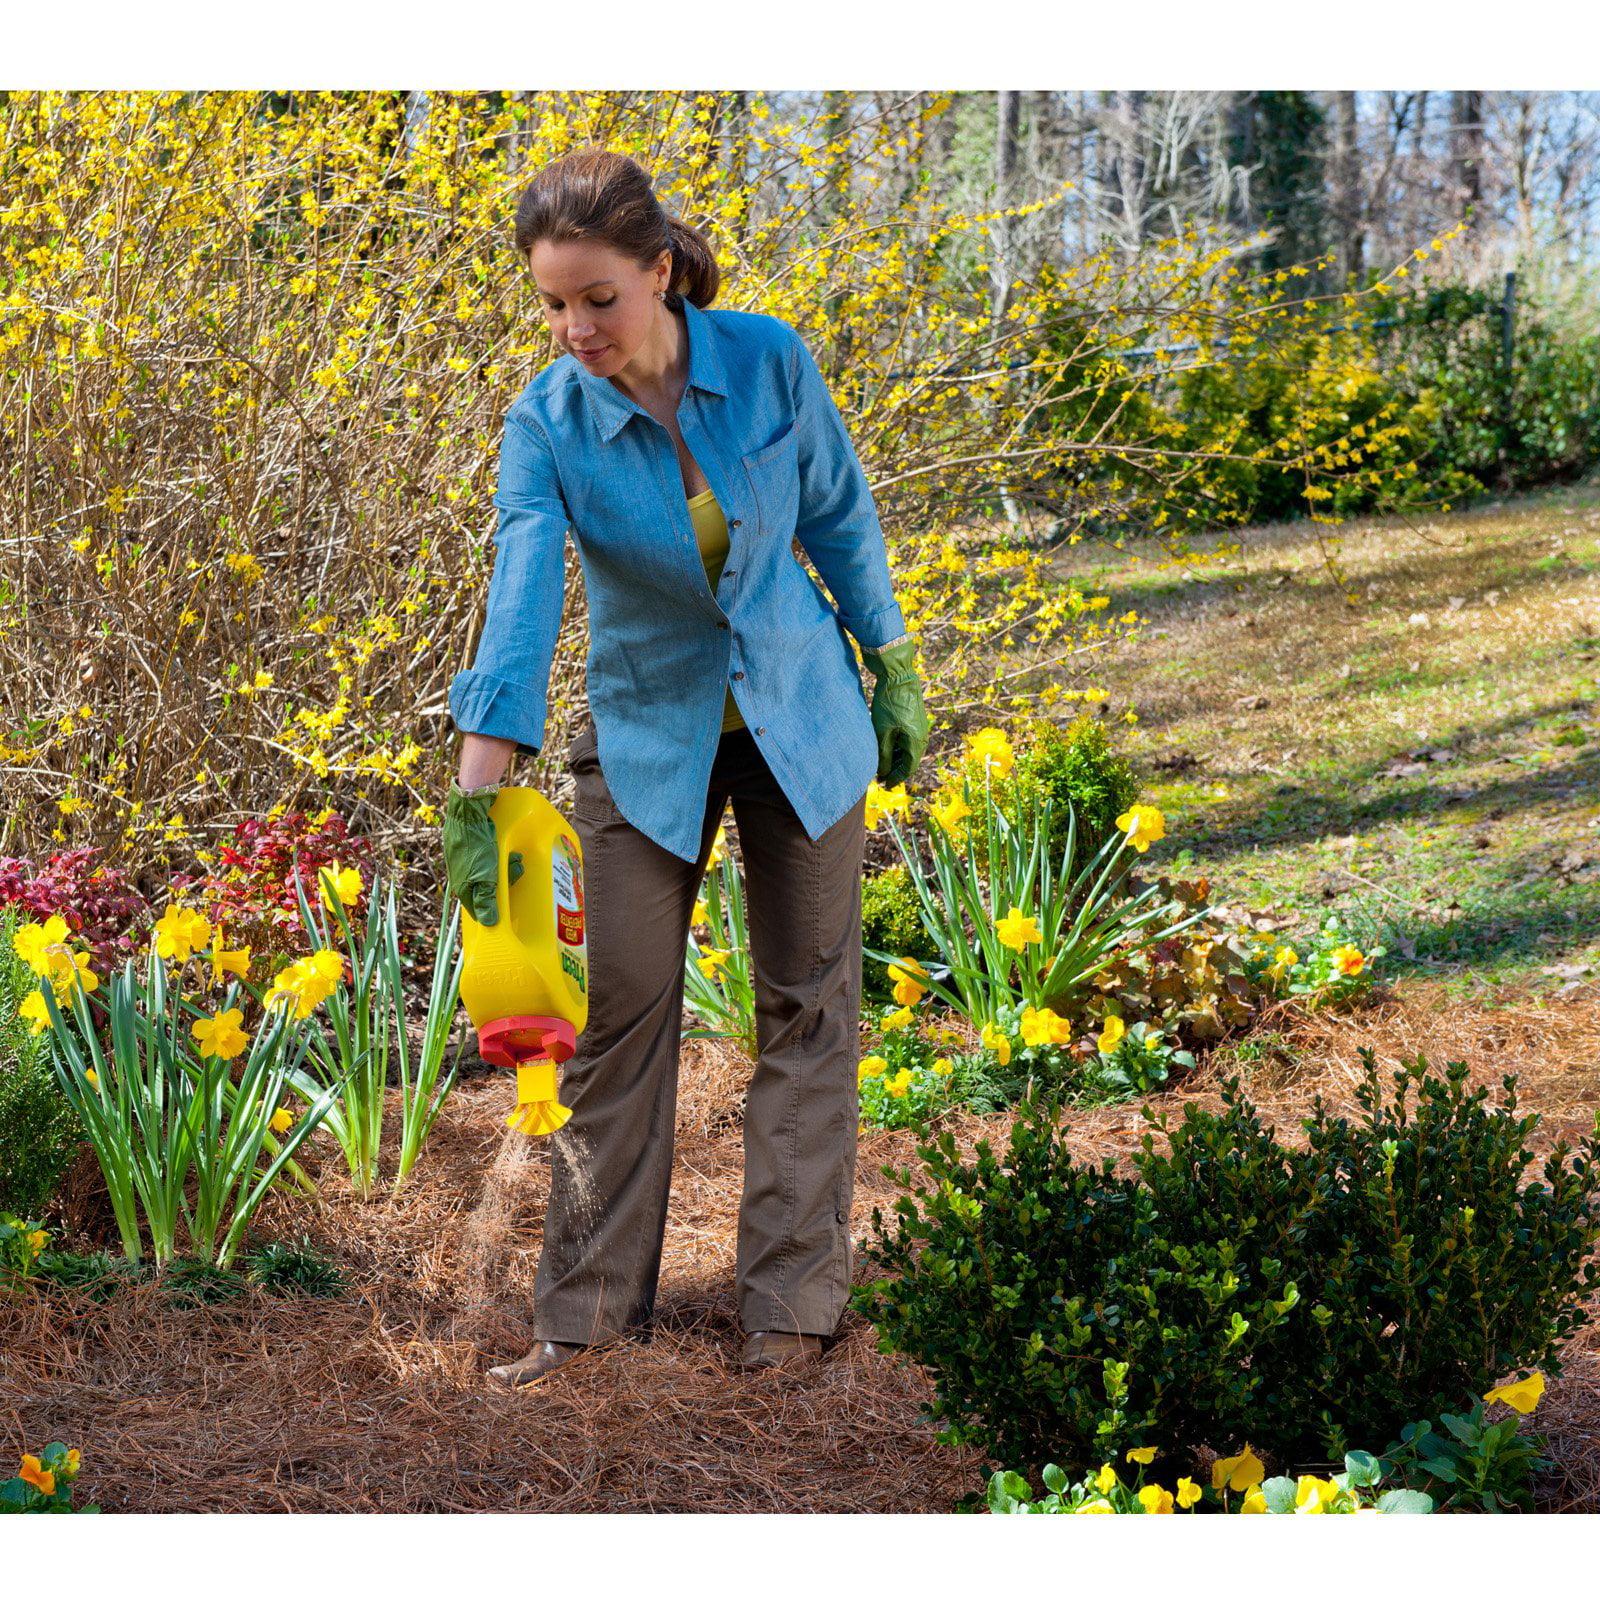 Preen Garden Weed Preventer Walmart Garden Ftempo